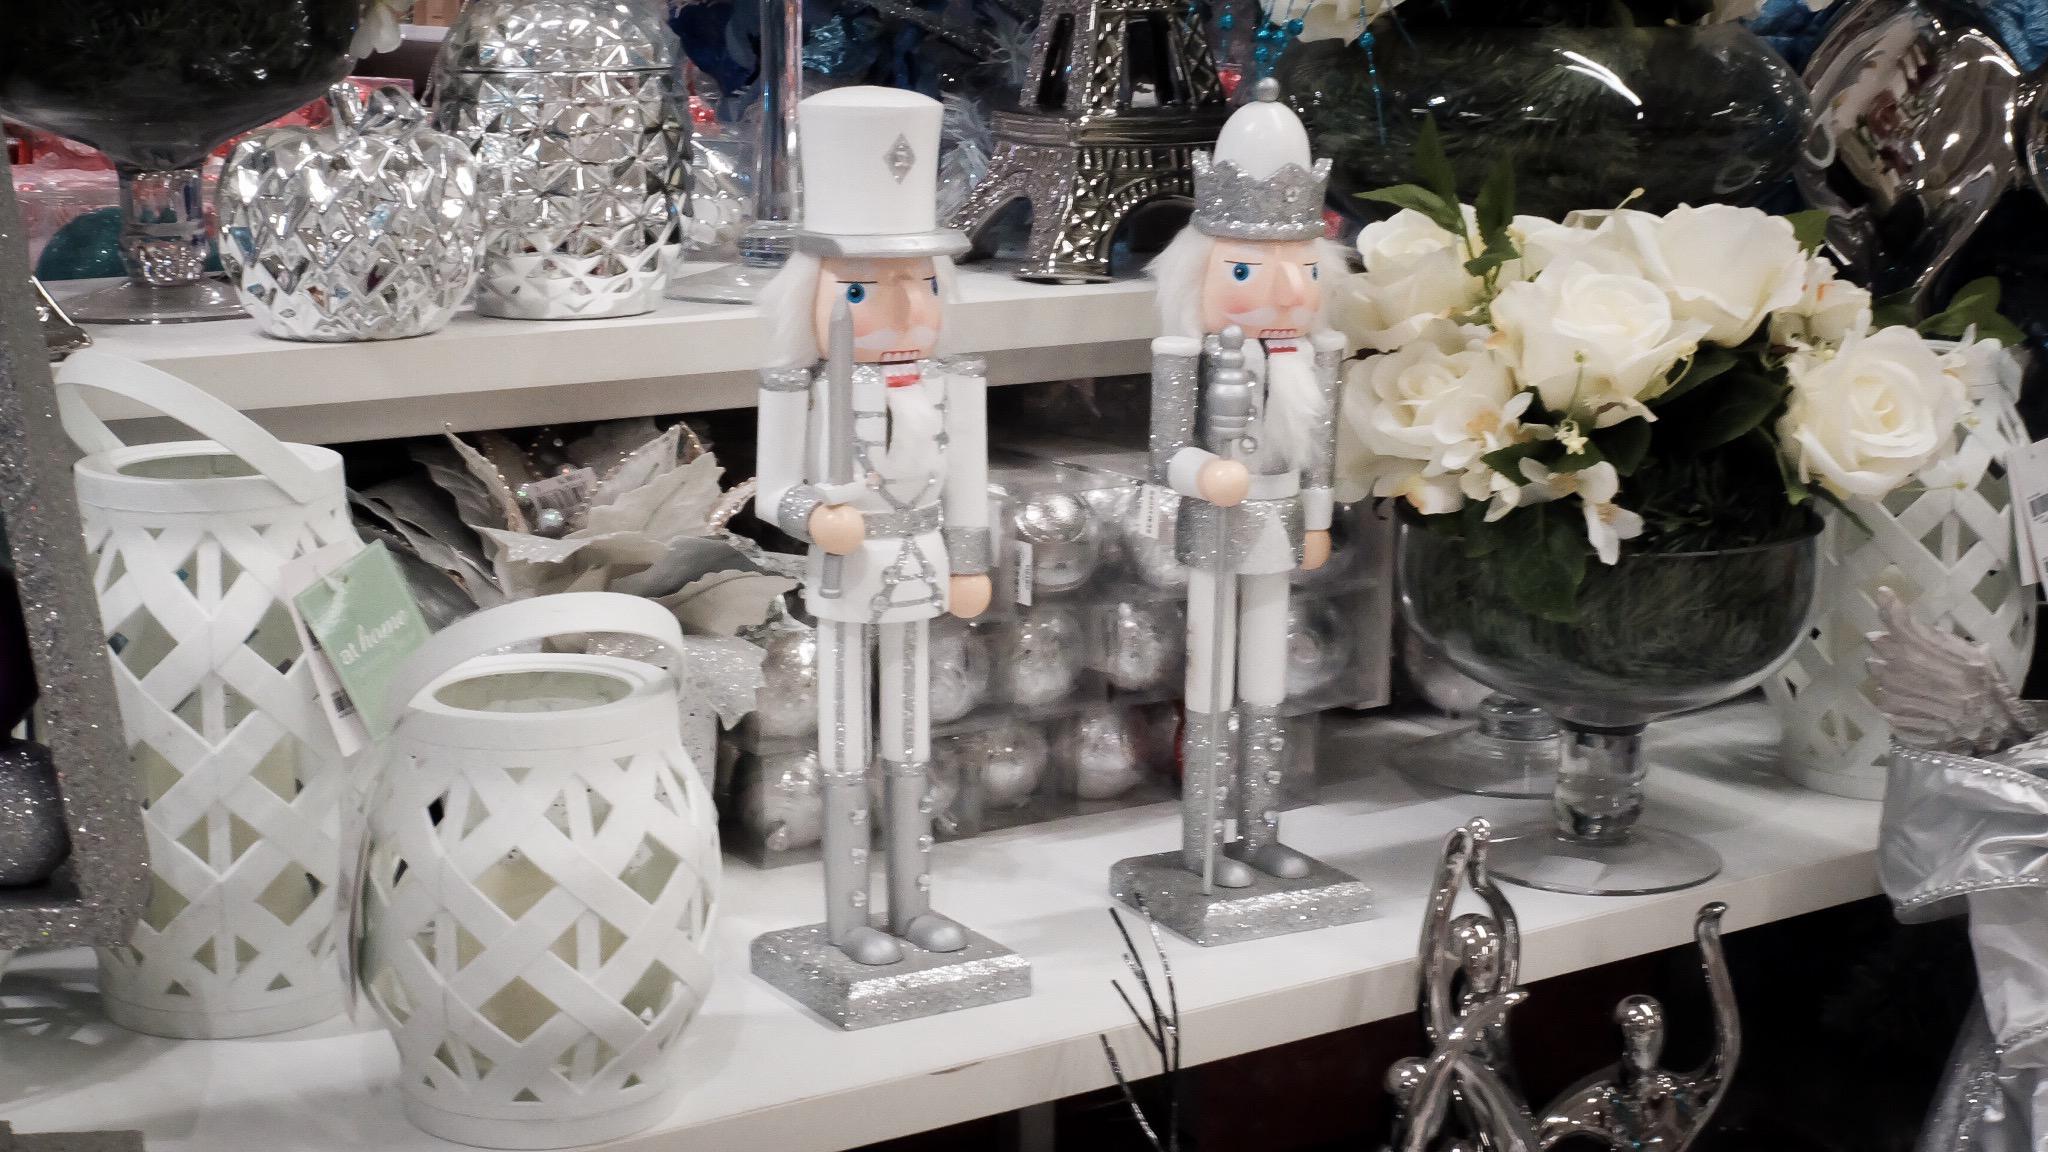 iamkimcharlie-metro-pre-christmas-sale-03-The-Metro-Stores